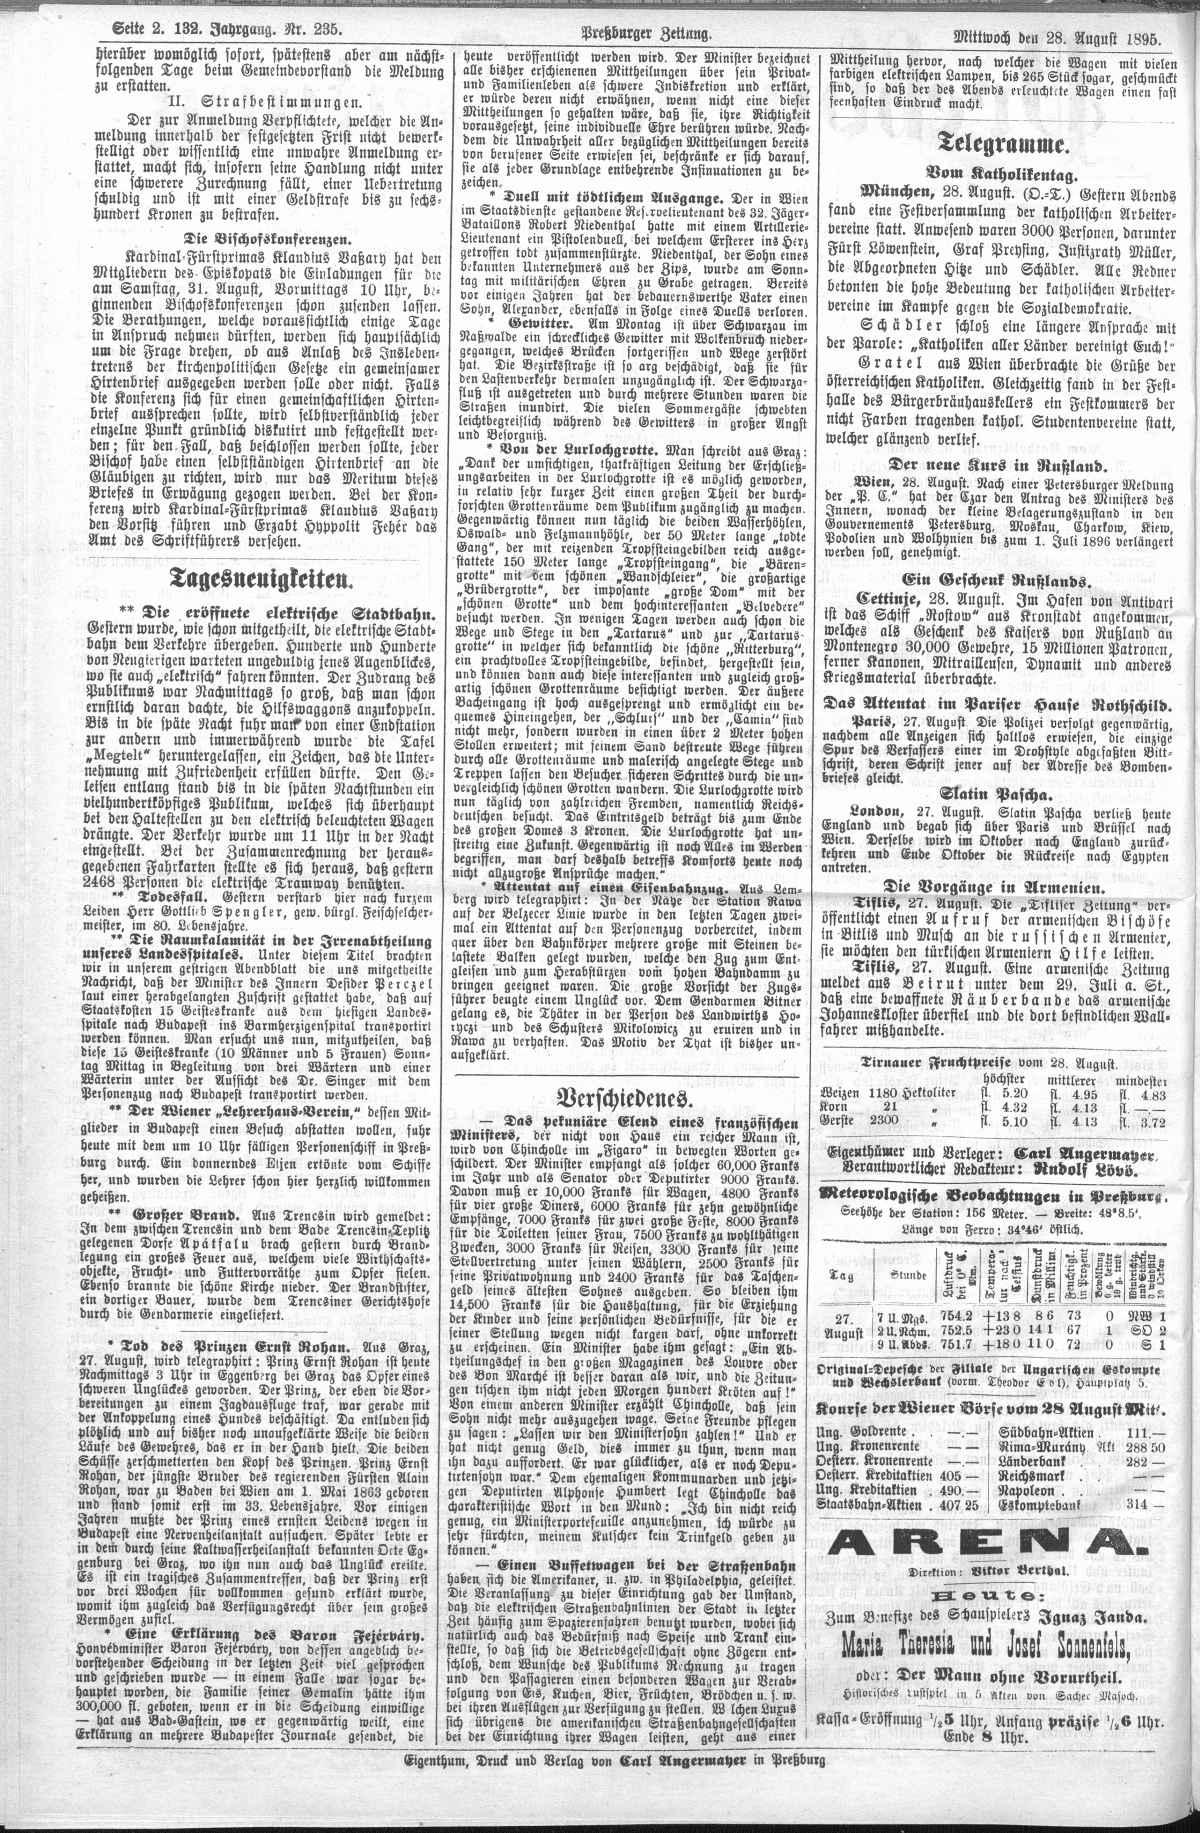 Článok v Presburrge Zeitung z 28 augusta 1895